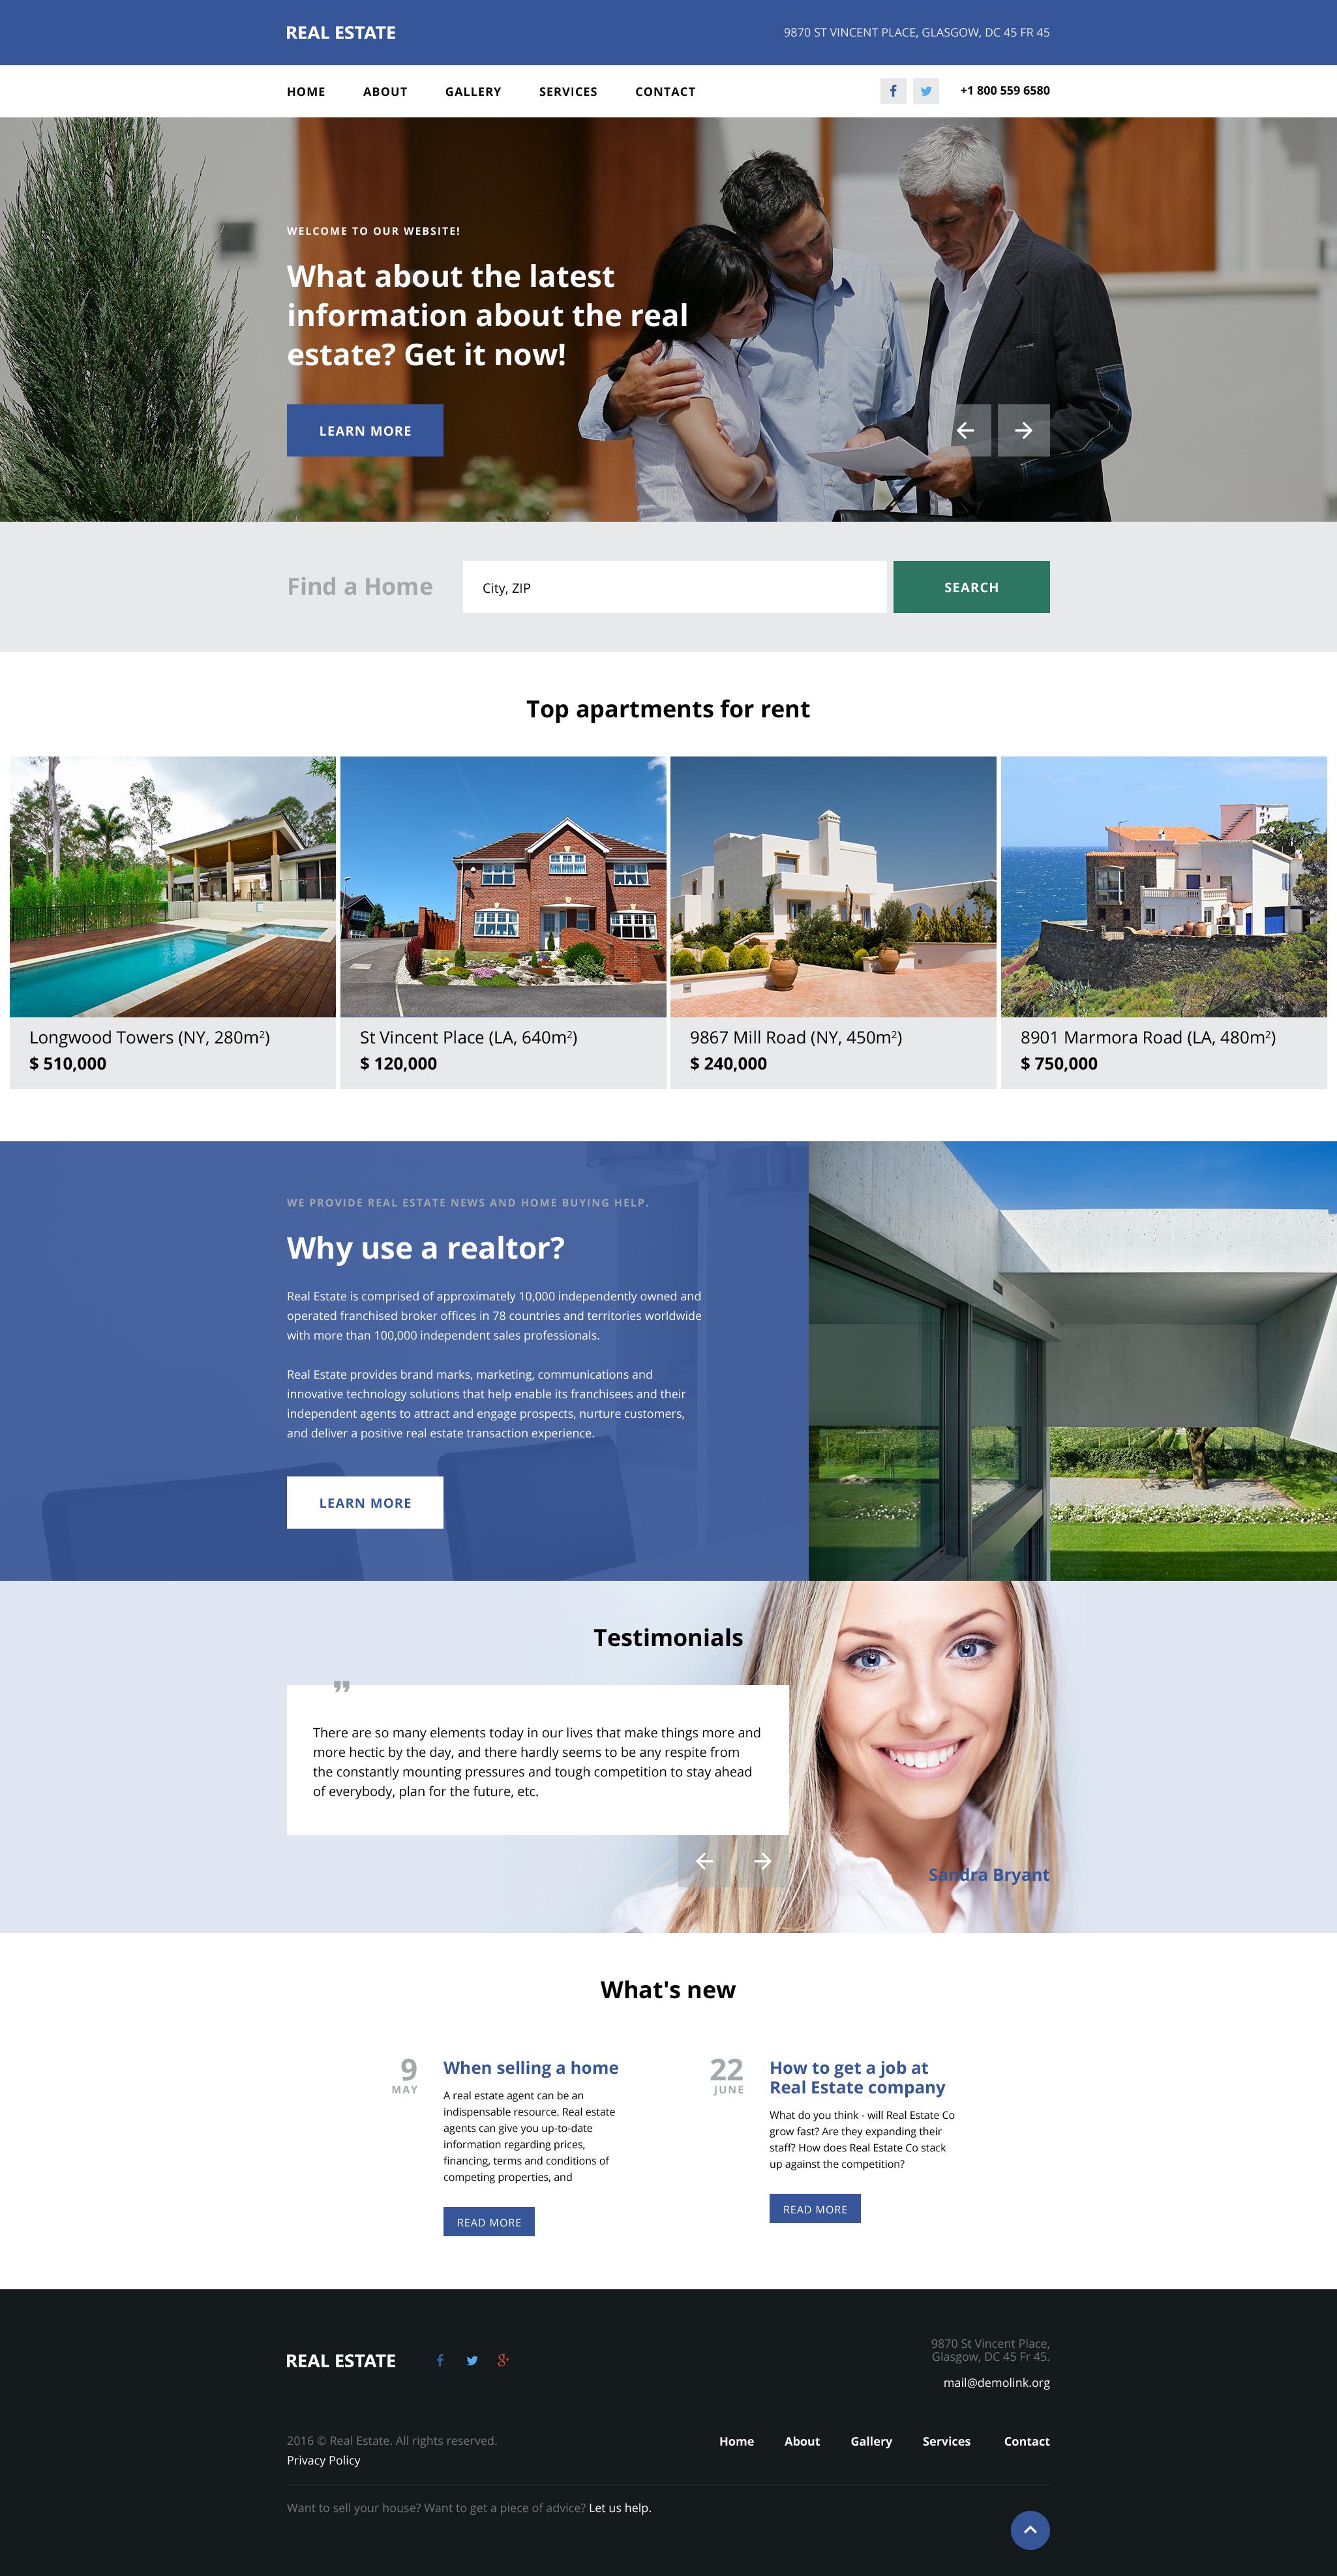 Responsywny szablon strony www Agencja nieruchomości #57833 - zrzut ekranu